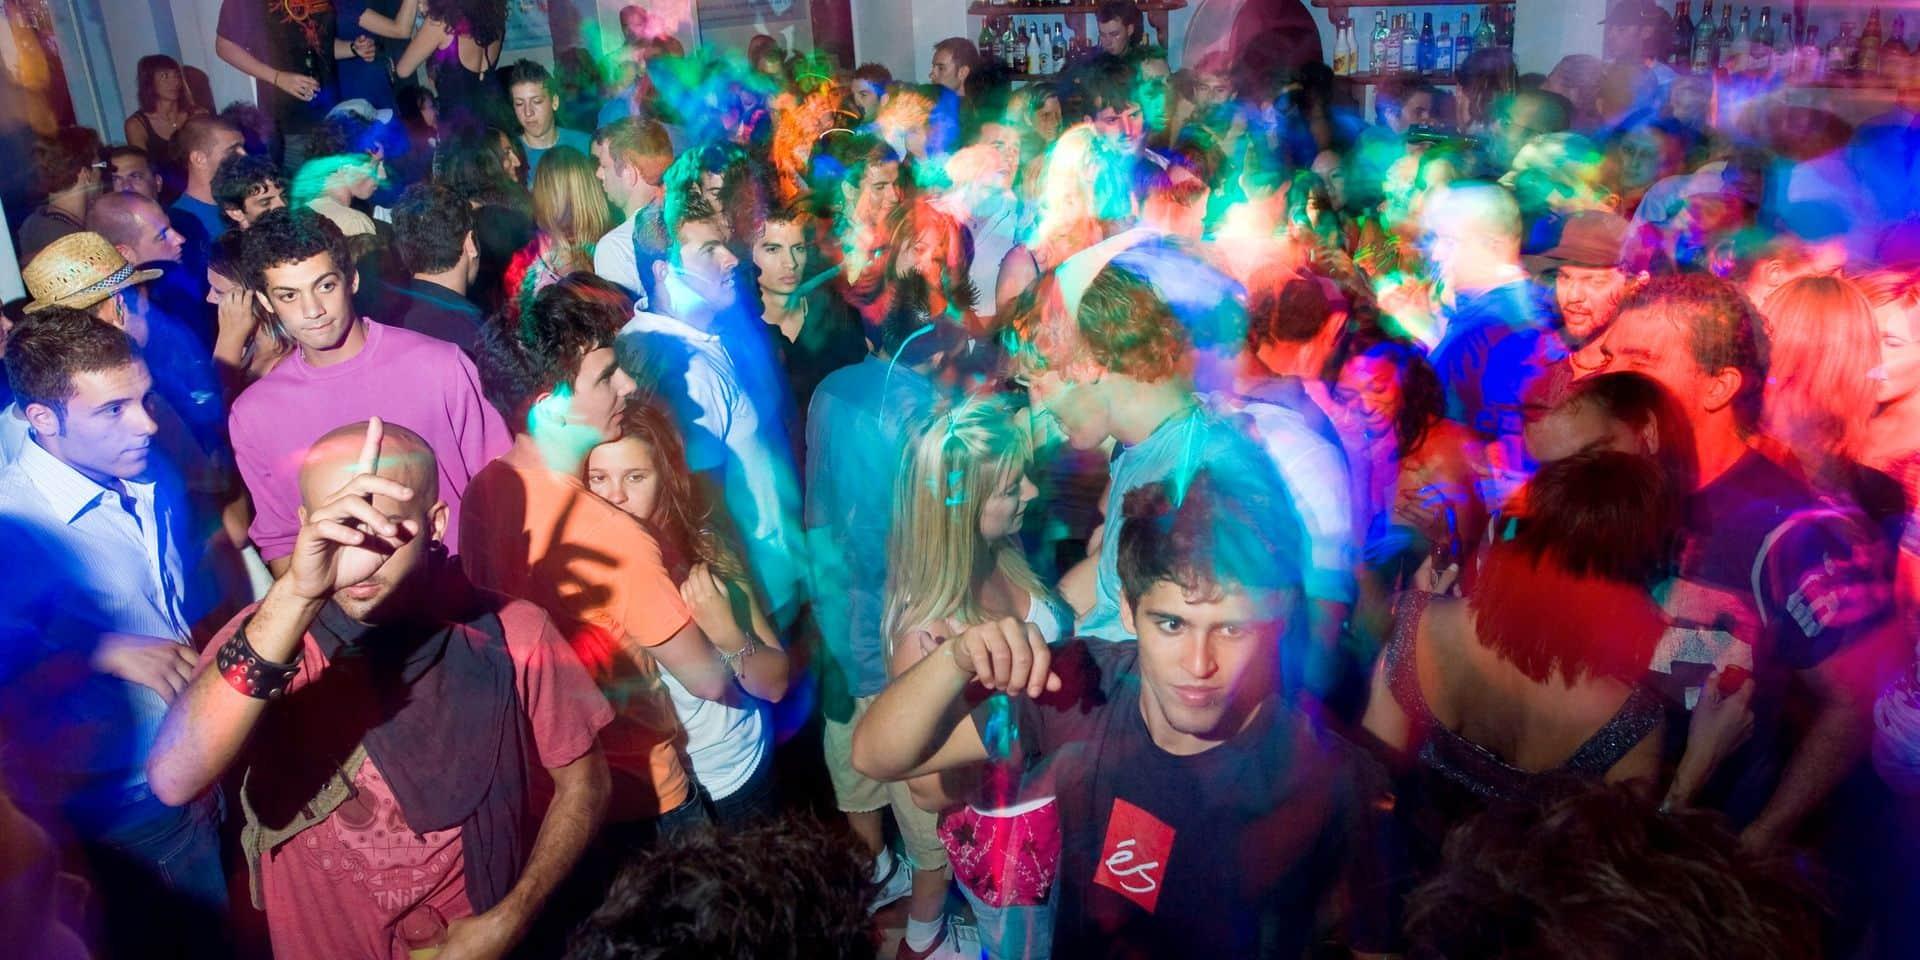 Grèce: malgré la pandémie, des centaines de personnes font la fête dans des villas privées à Mykonos